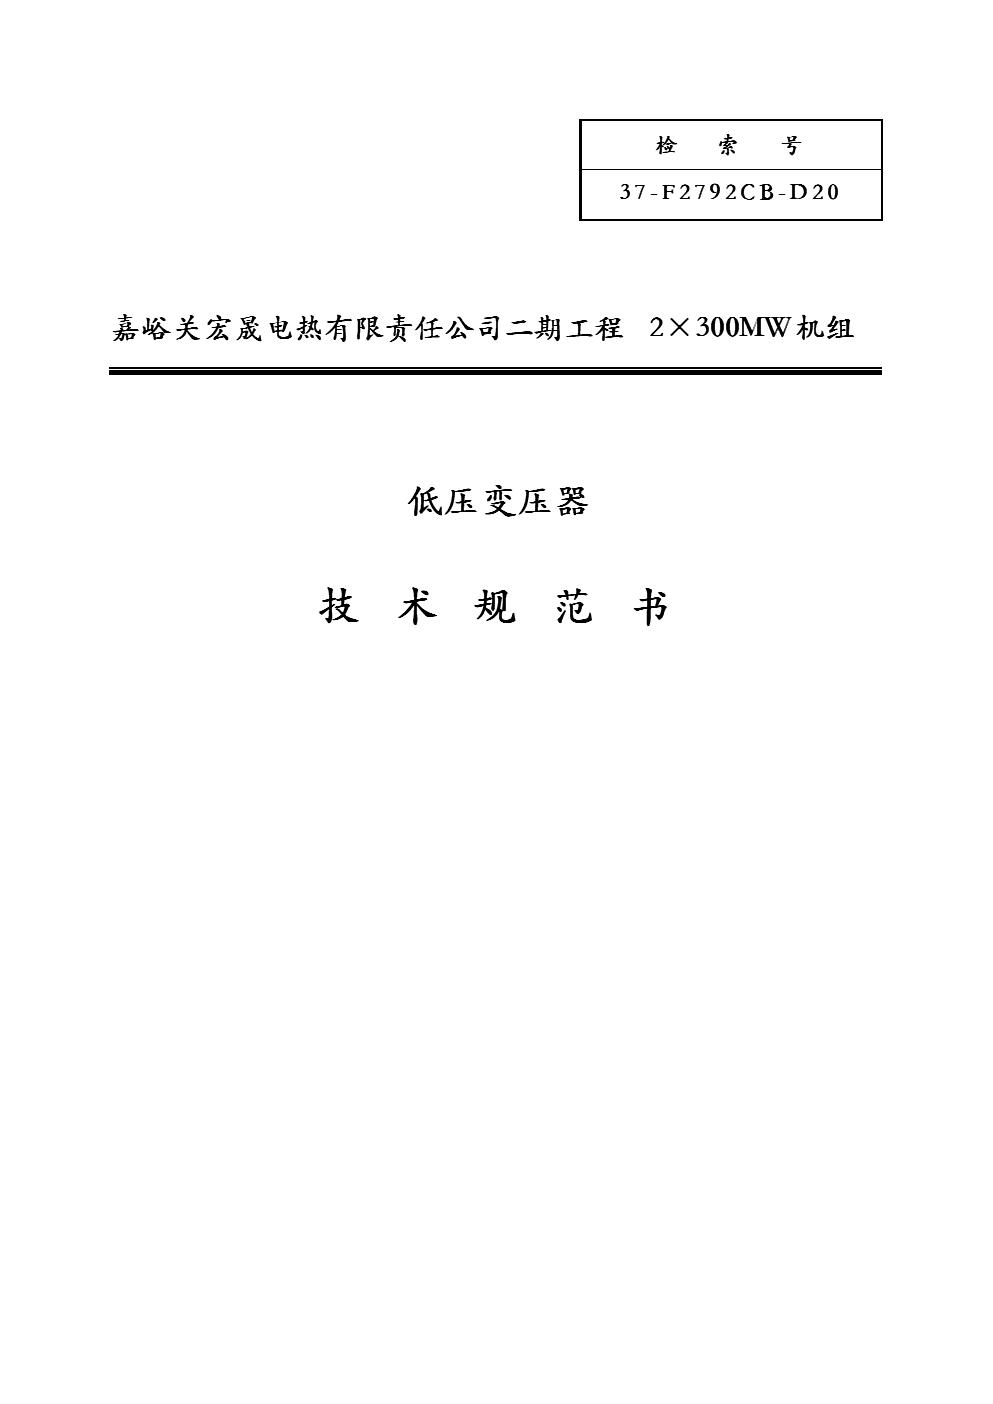 低压干式变压器技术规范书.doc